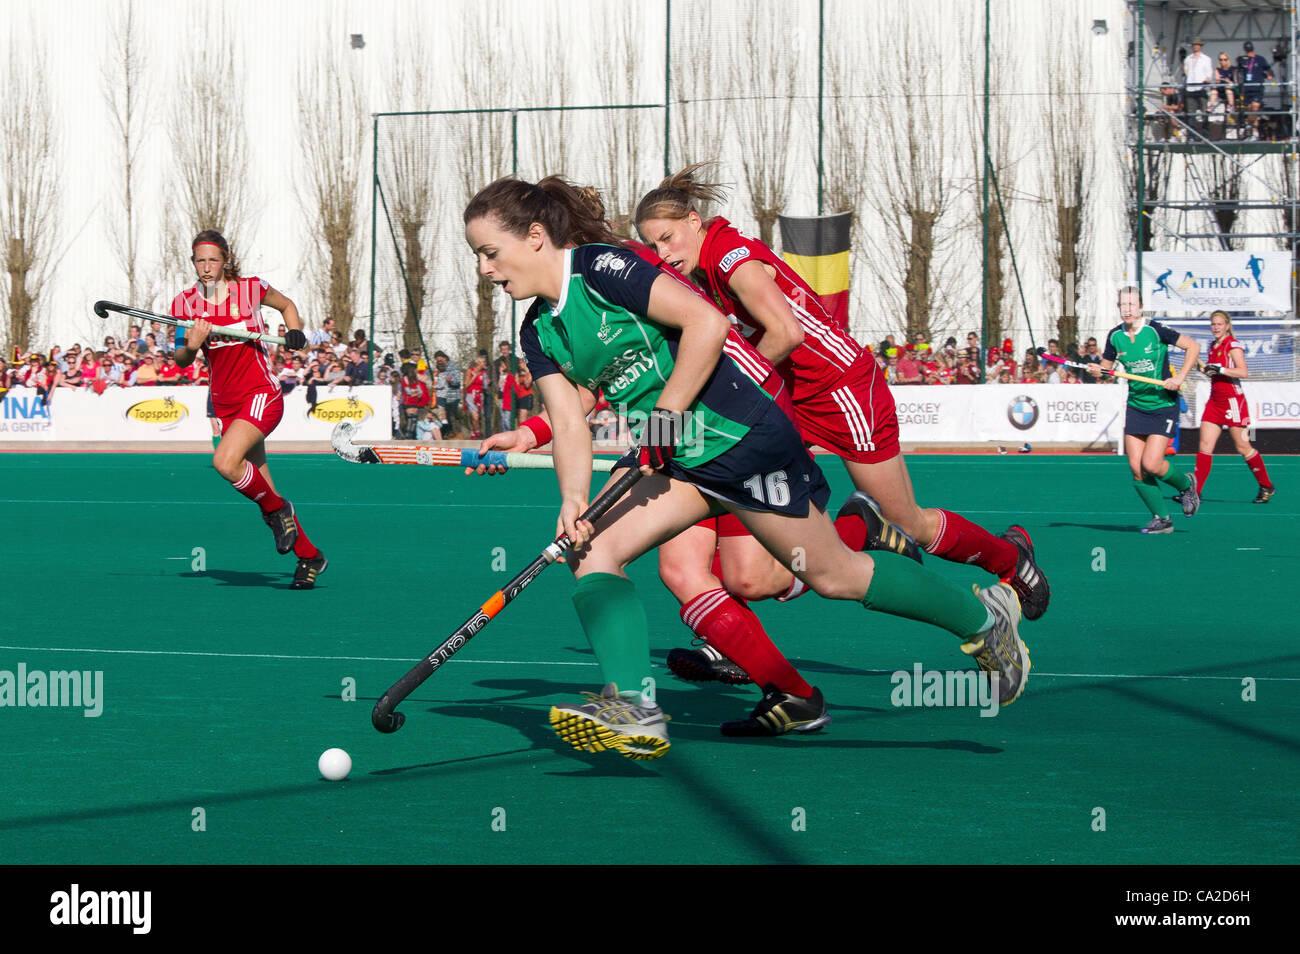 25.03.2012 - Kontich, Belgique - Photo de la finale du tournoi de qualification olympique de hockey femmes entre Photo Stock